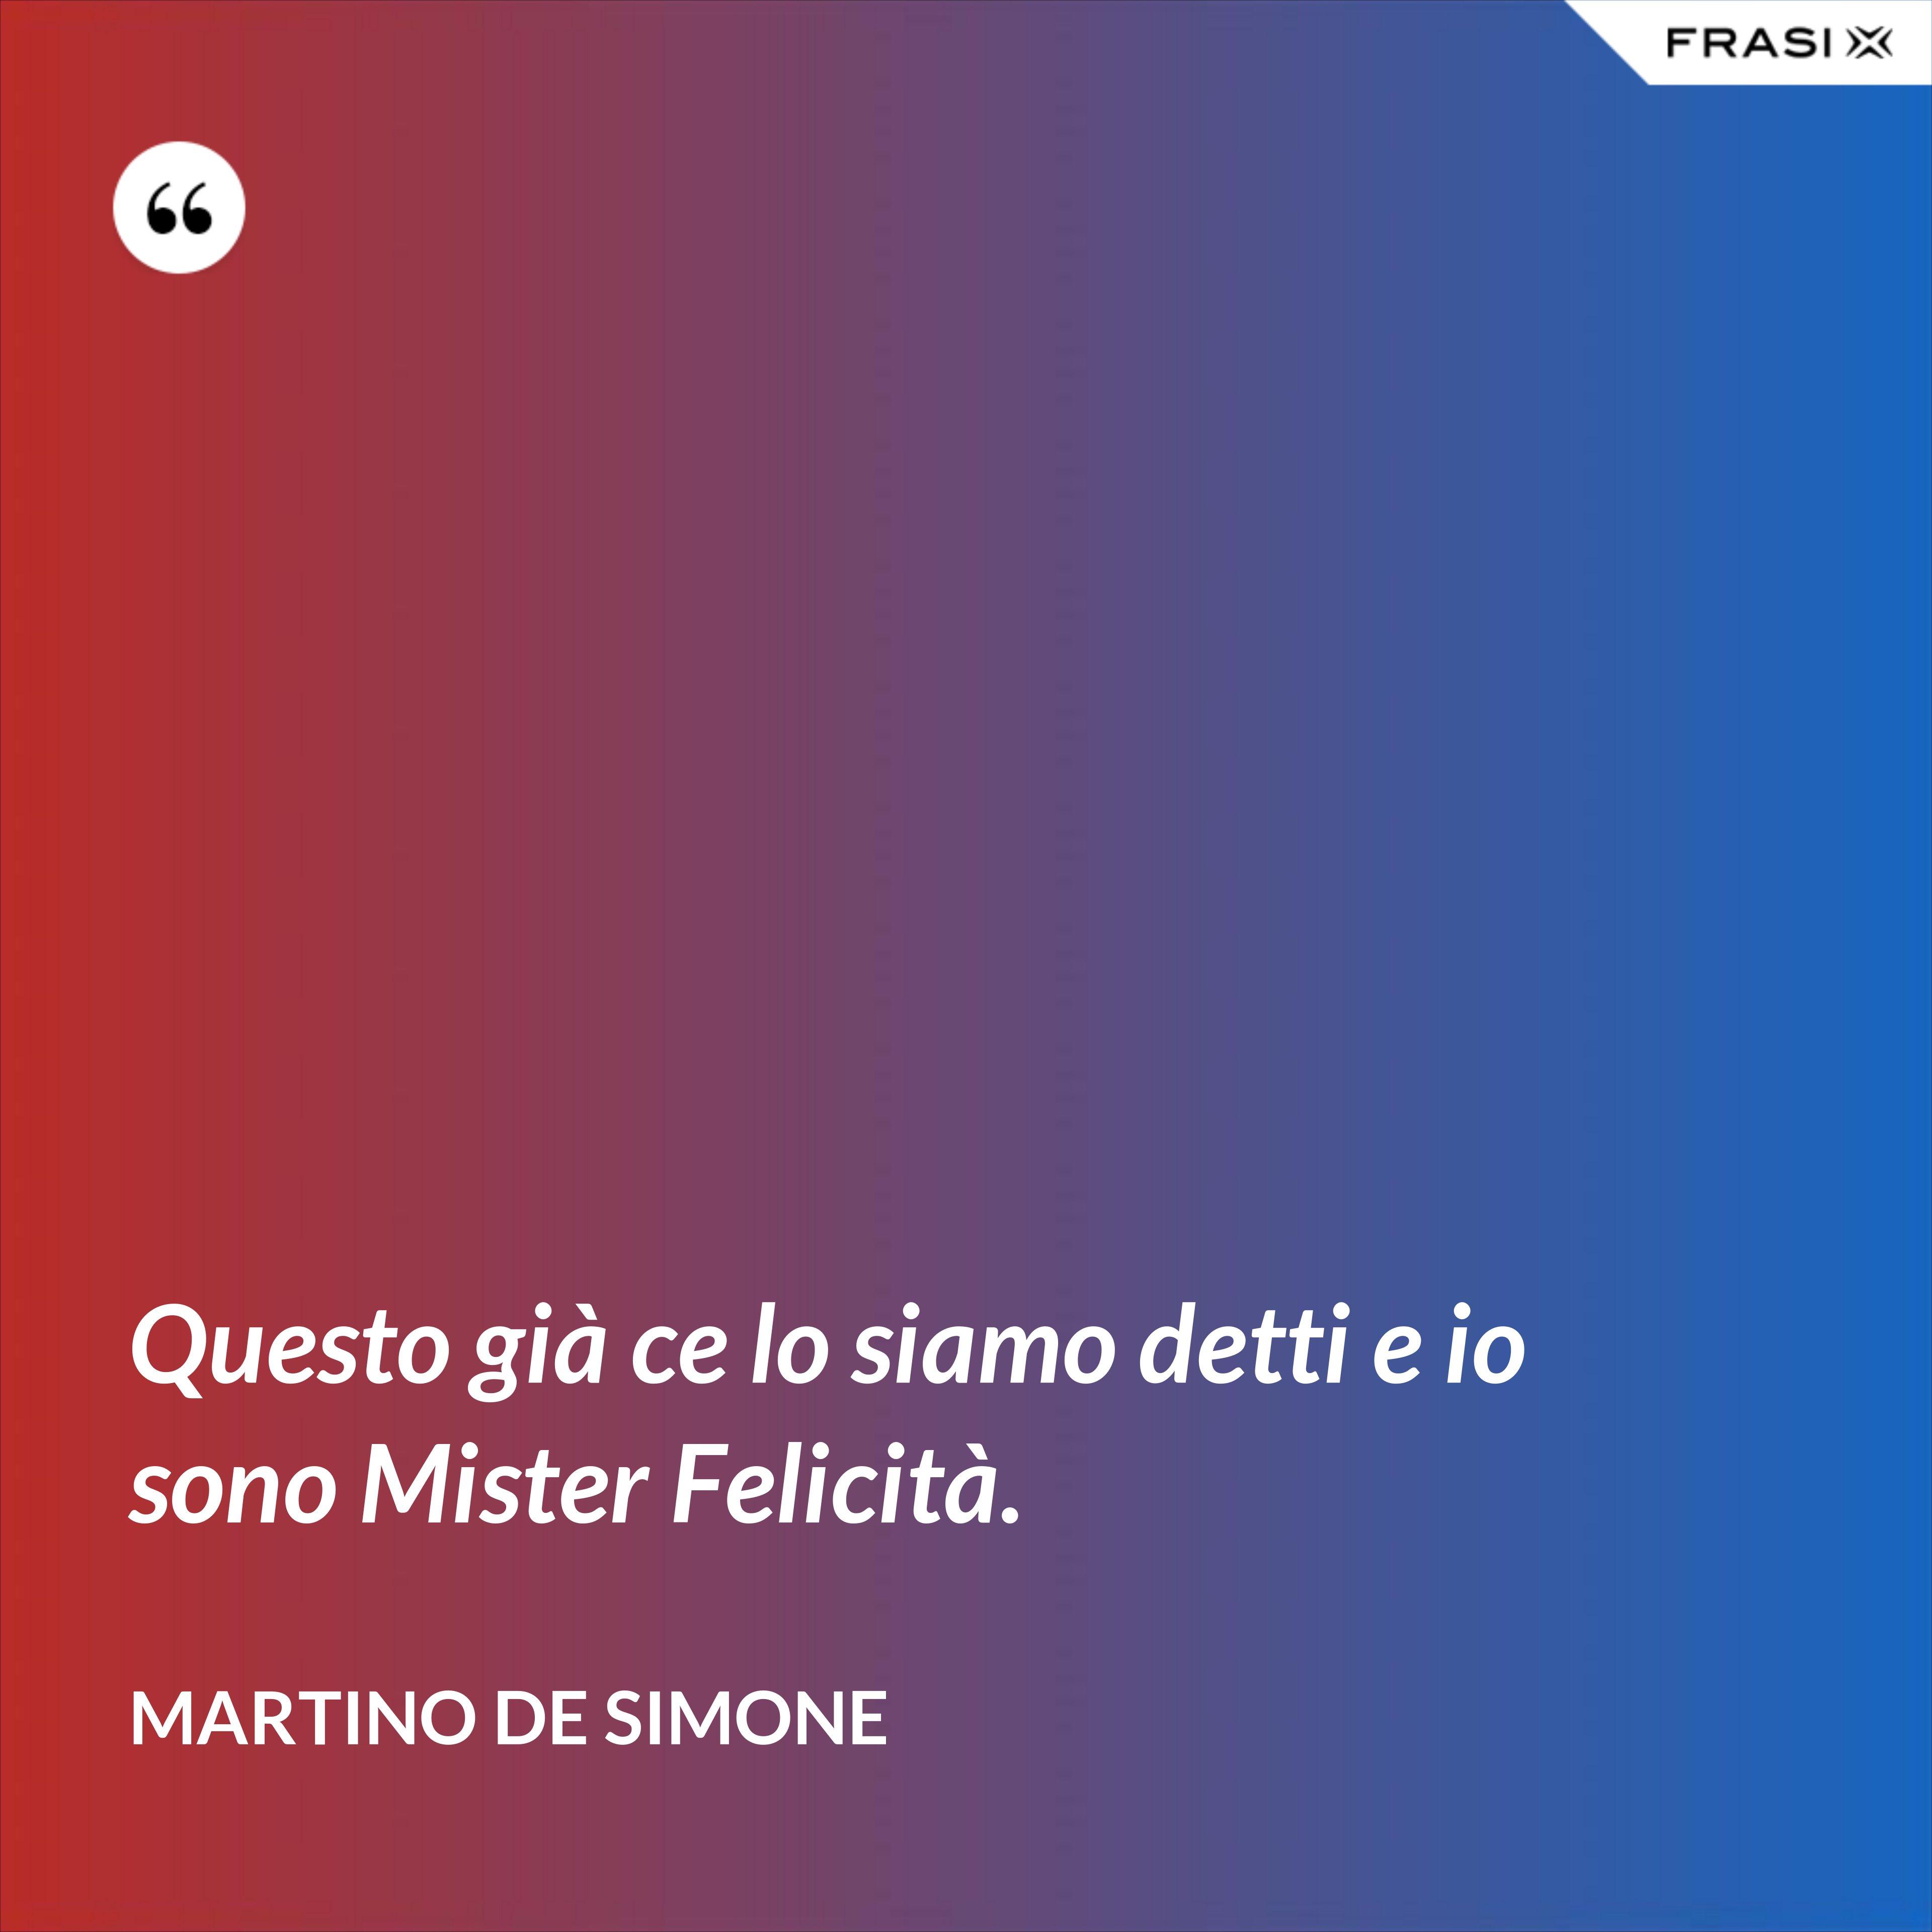 Questo già ce lo siamo detti e io sono Mister Felicità. - Martino De Simone